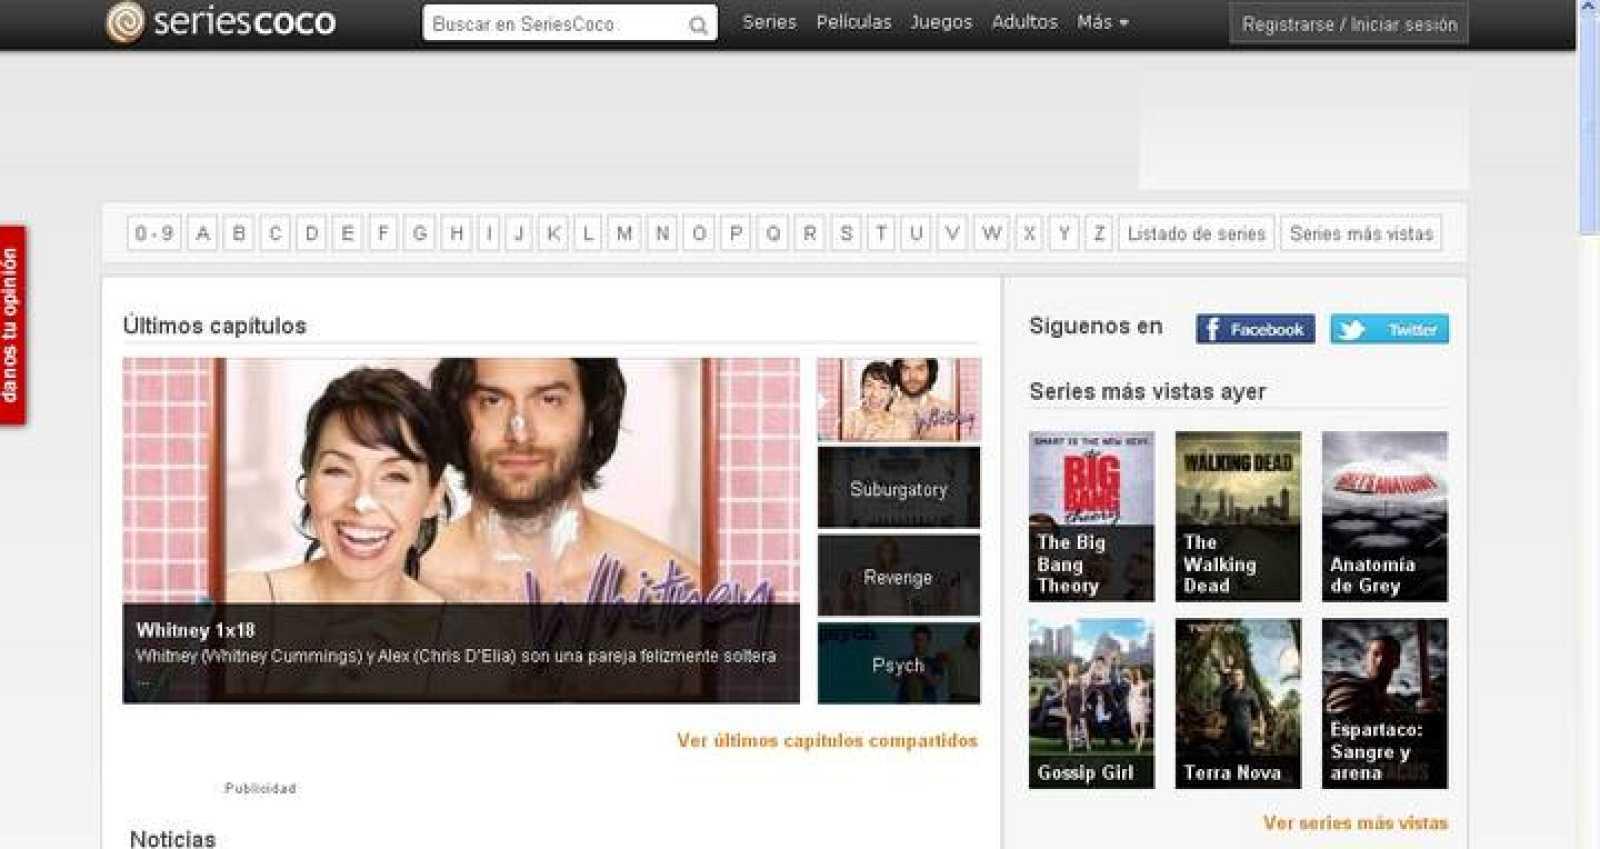 La web SeriesCoco es un clon exacto de SeriesYonkis que dirige a esta página cualquier contenido